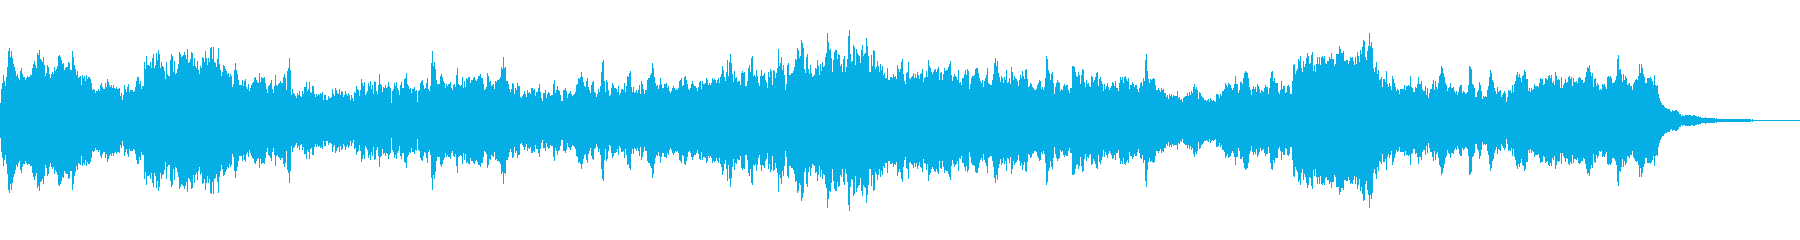 じんわり温かみを感じるヒーリング系BGMの再生済みの波形